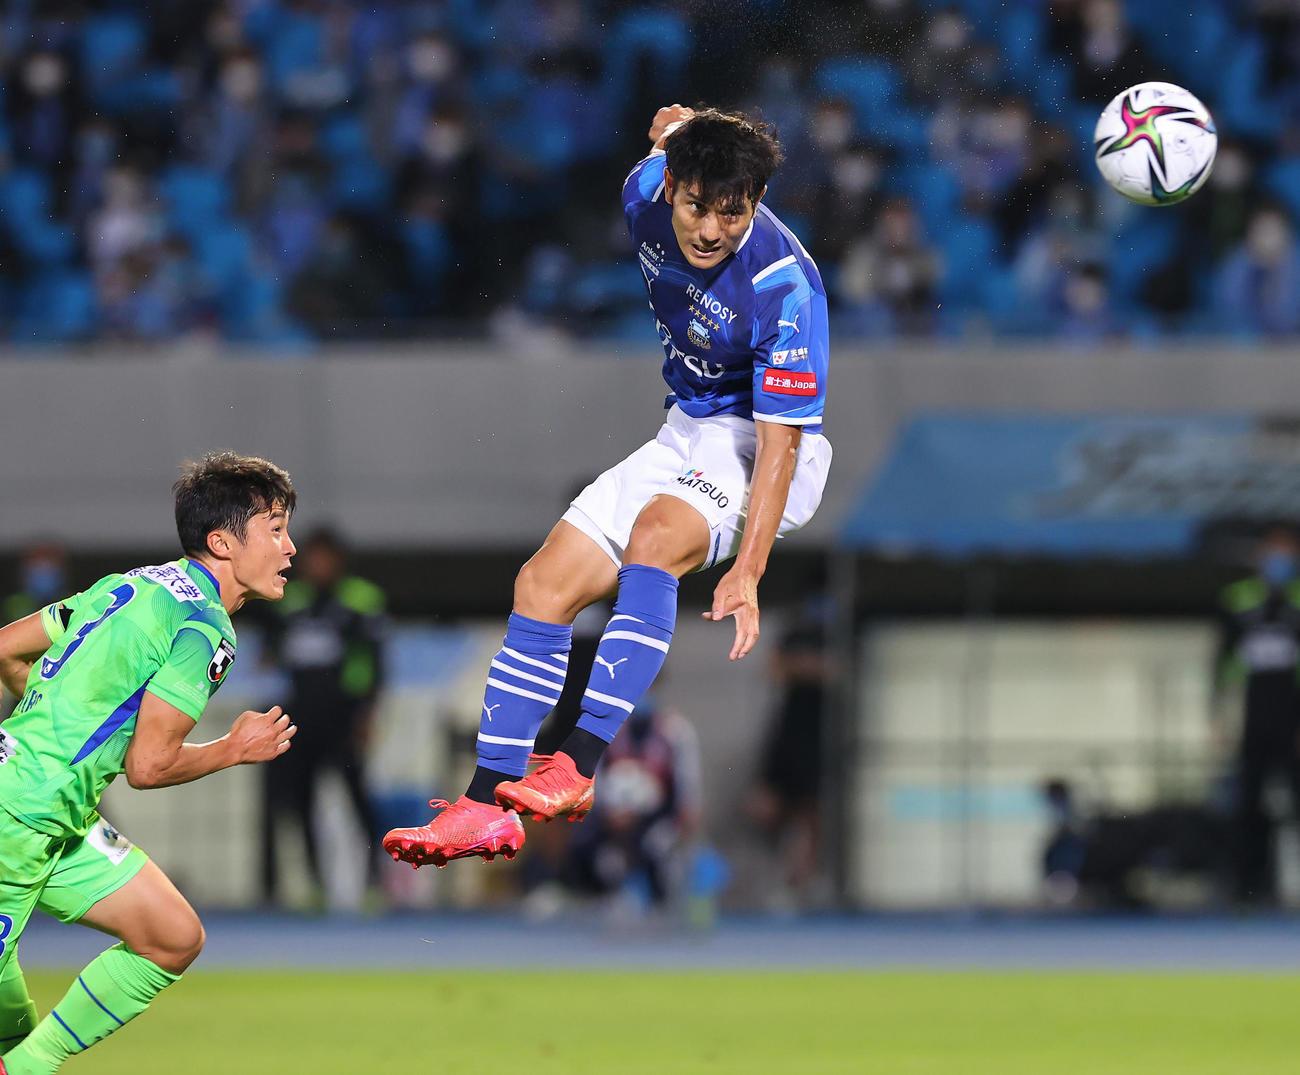 川崎F対湘南 後半終了間際、ヘディングで決勝ゴールを決める川崎F知念(撮影・垰建太)